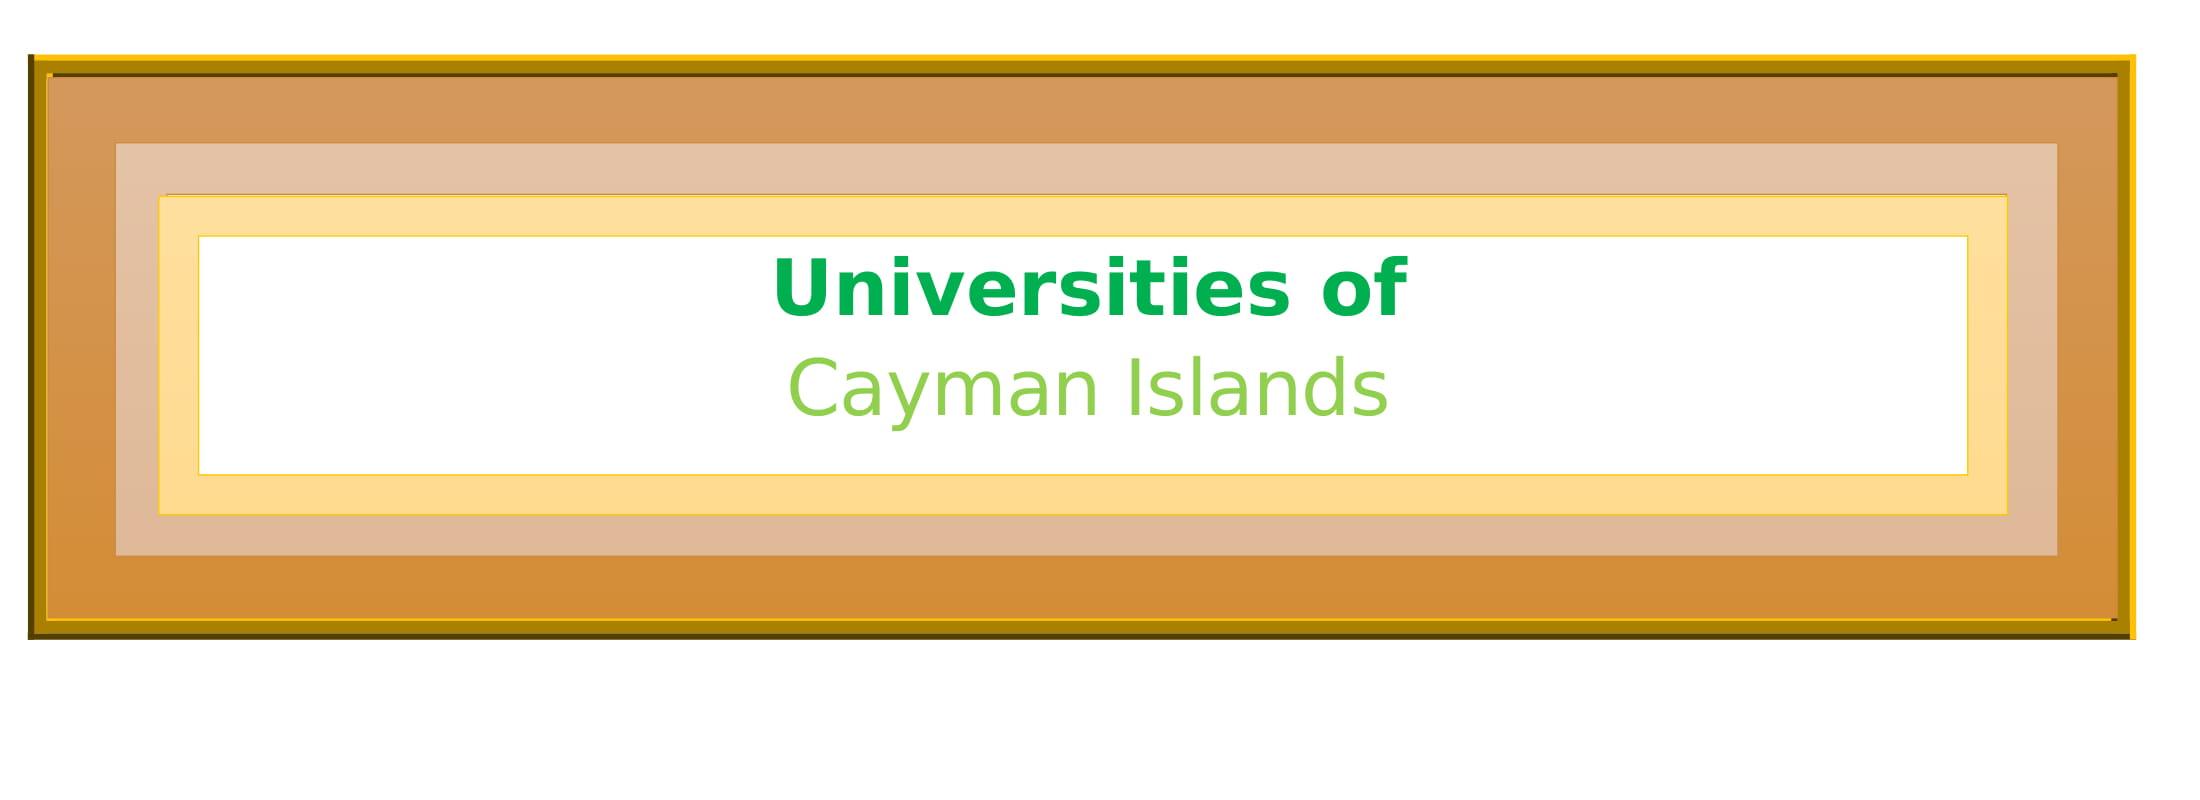 List of Universities in Cayman Islands